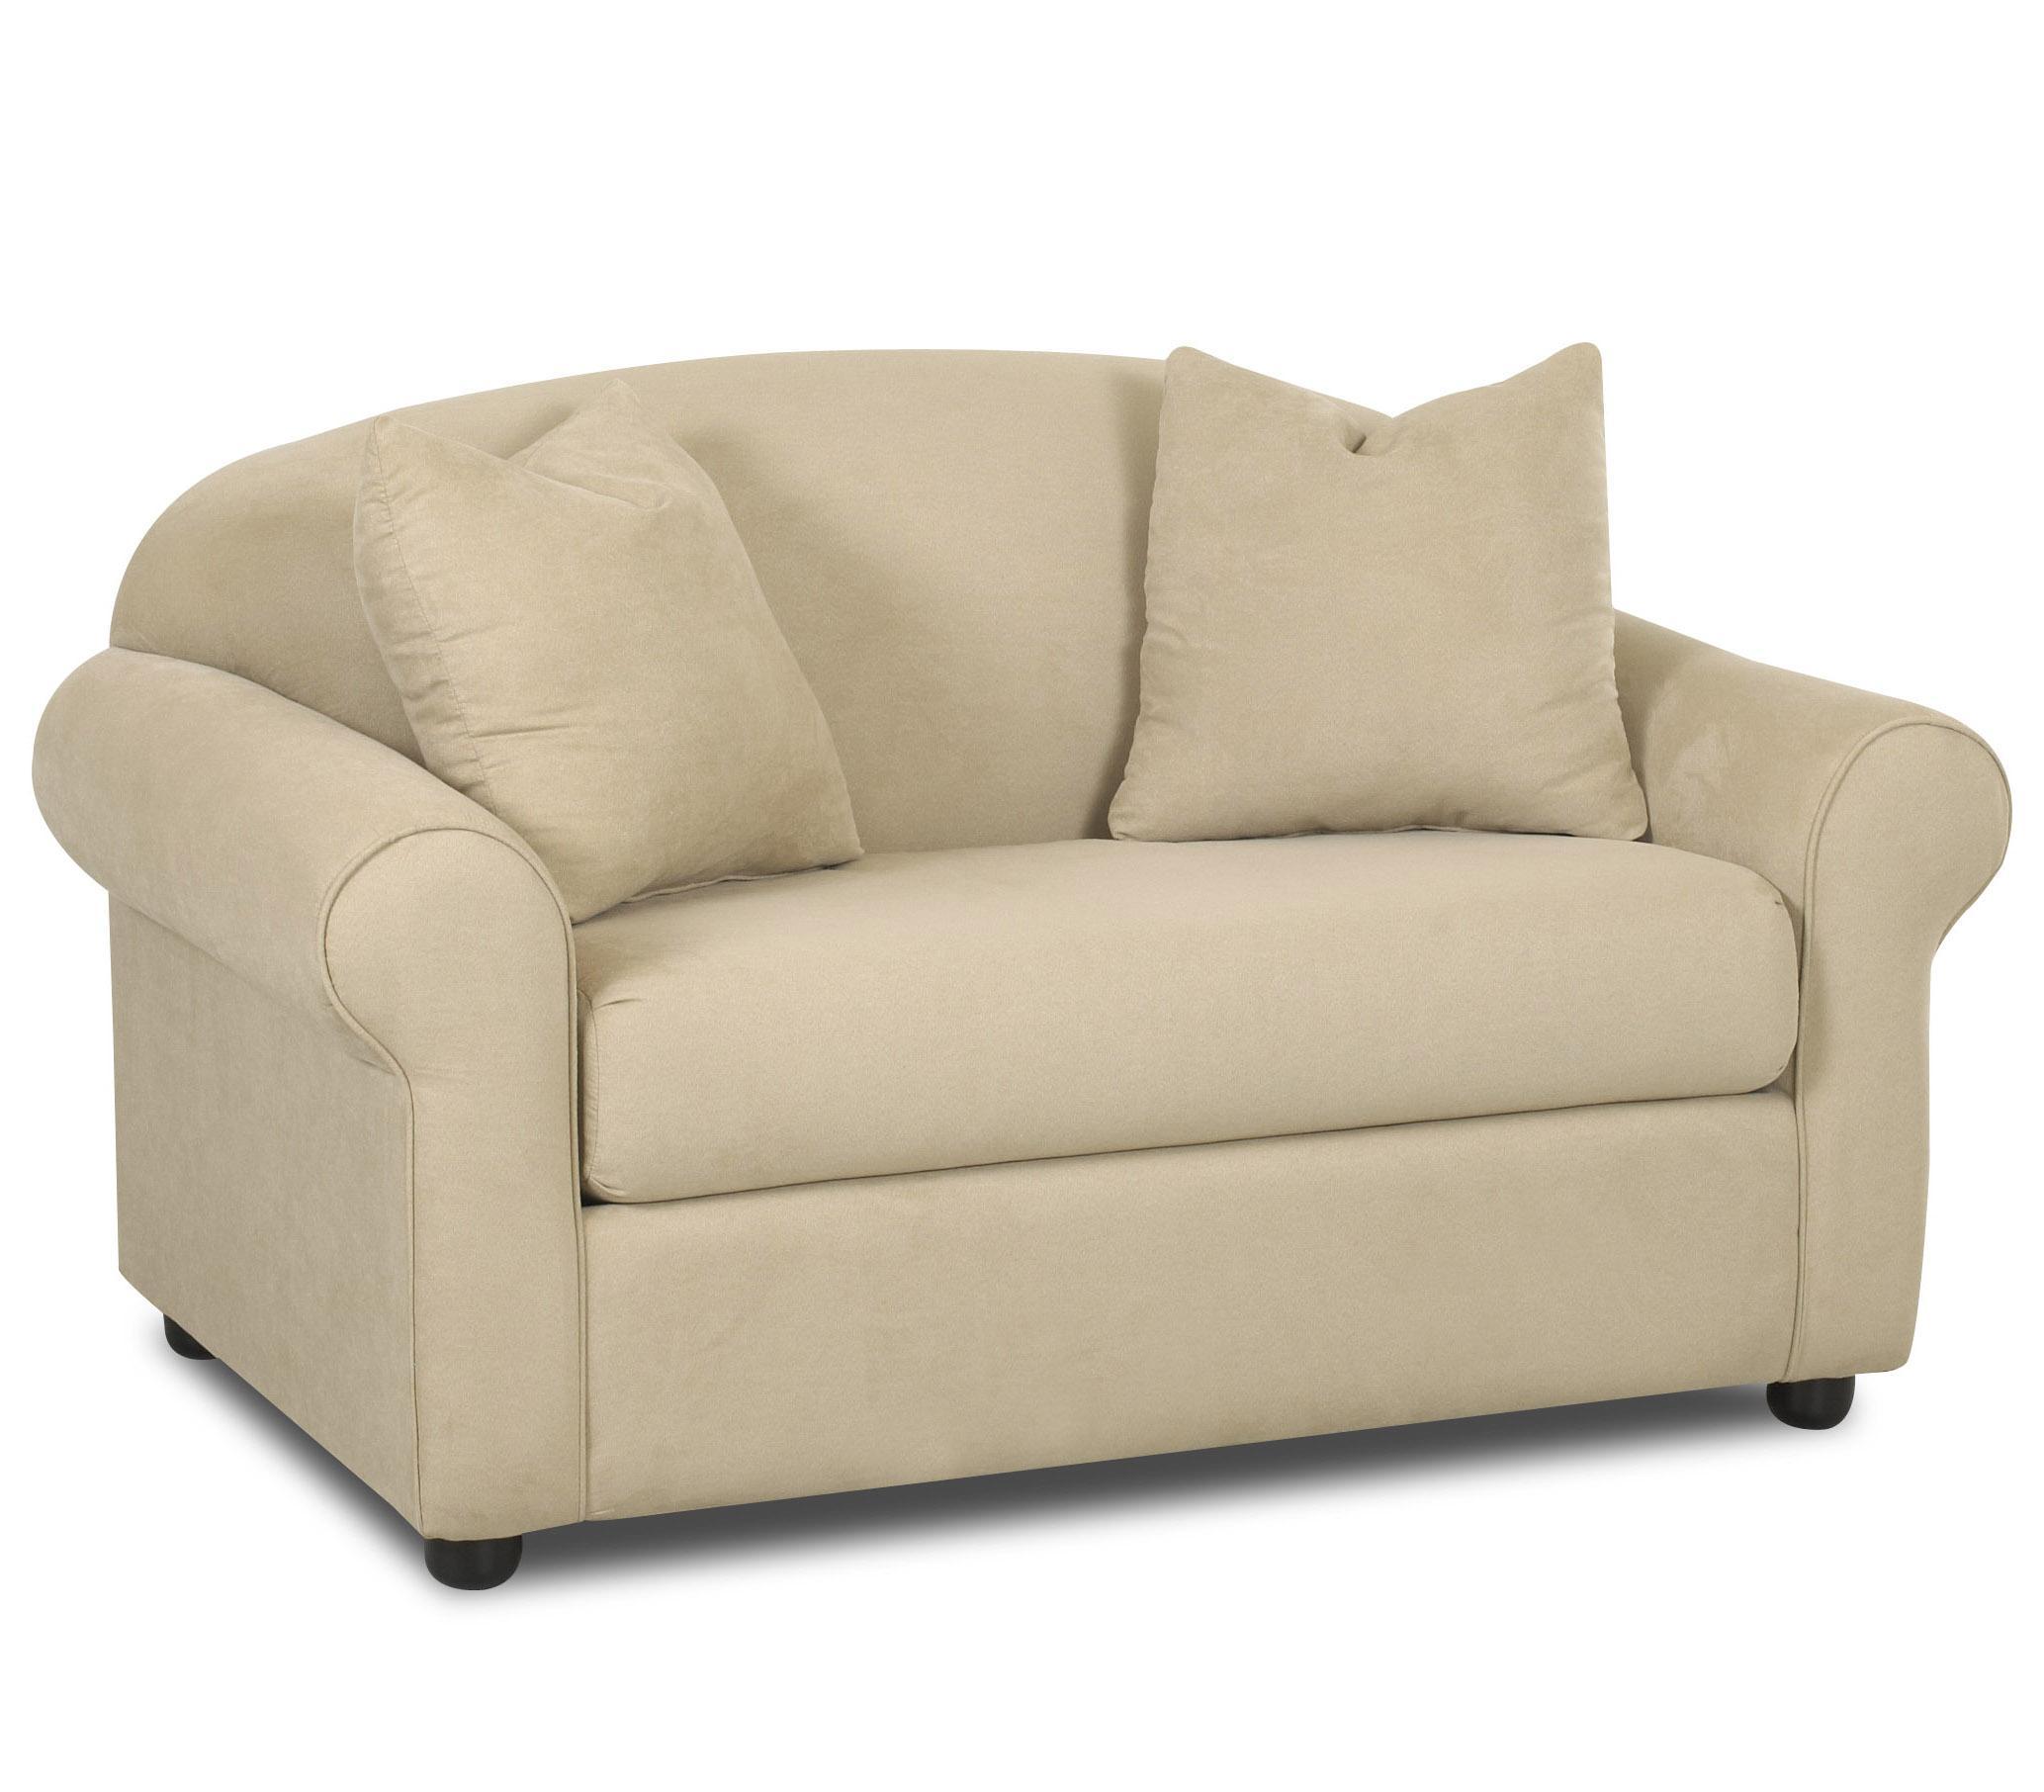 Klaussner Possibilities Innerspring Chair Sleeper Wayside Furniture Sleeper Sofas